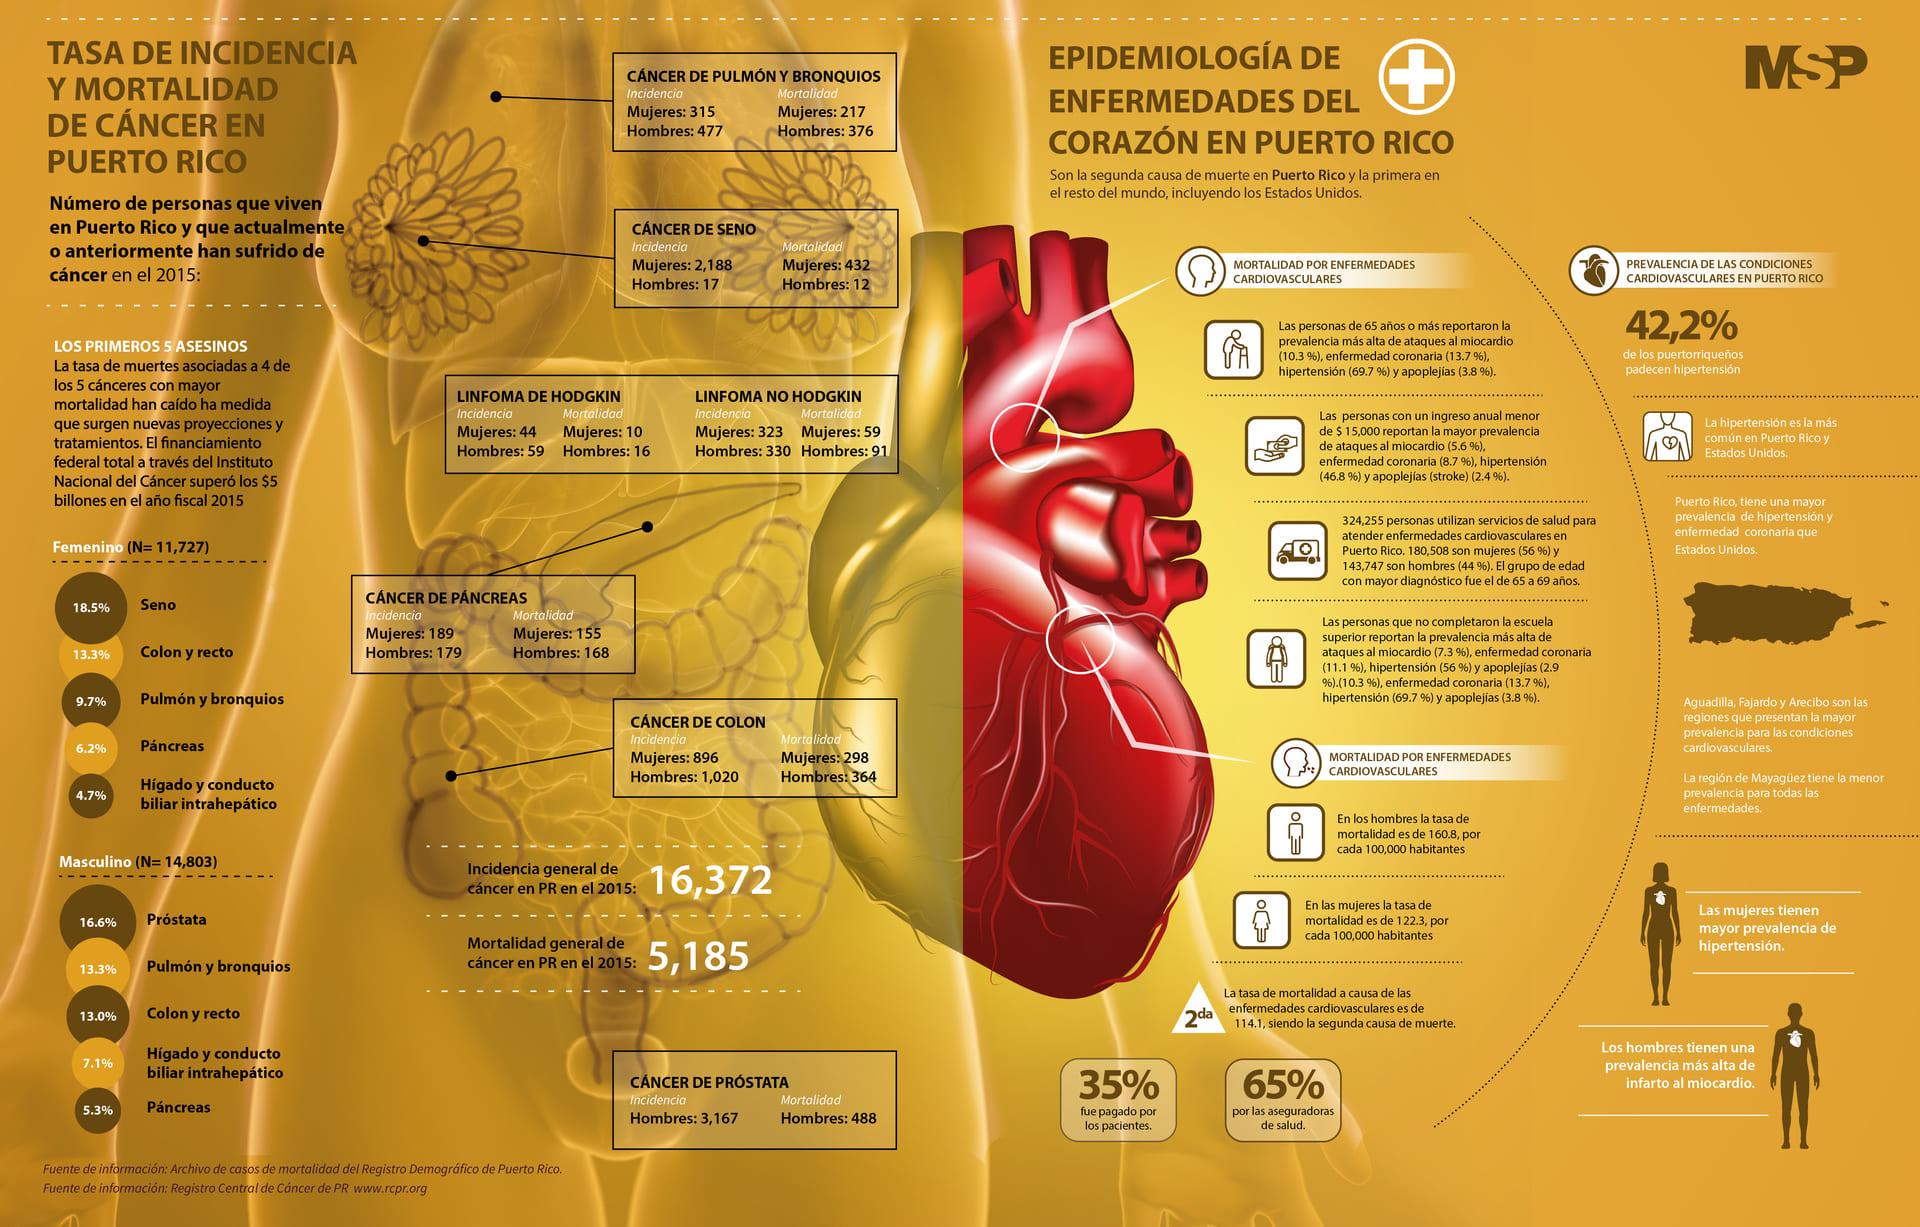 Infografía Tasa de incidencia y mortalidad de Cáncer en Puerto Rico / Epidemiología de enfermedades del corazón en Puerto rico